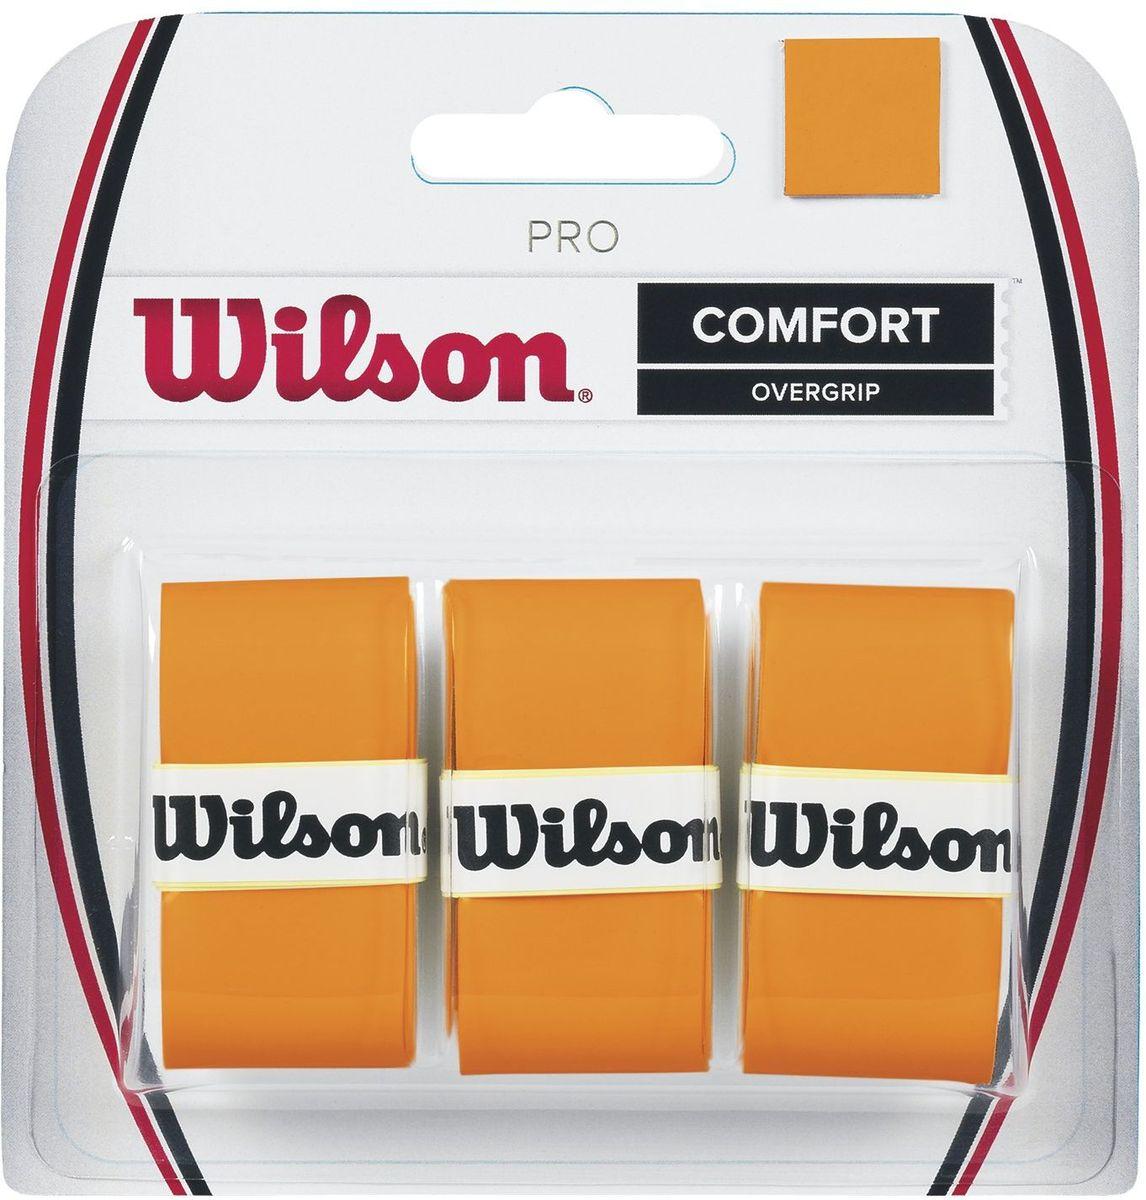 Обмотка Wilson Pro Overgrip BurnWRZ470820Новинка! Самый популярный овергрипп в мире теперь и в цветах СЕМЕЙСТВА BURN. Сделает Ваш день и окрасит Вашу любимую ракетку в новые яркие тона!